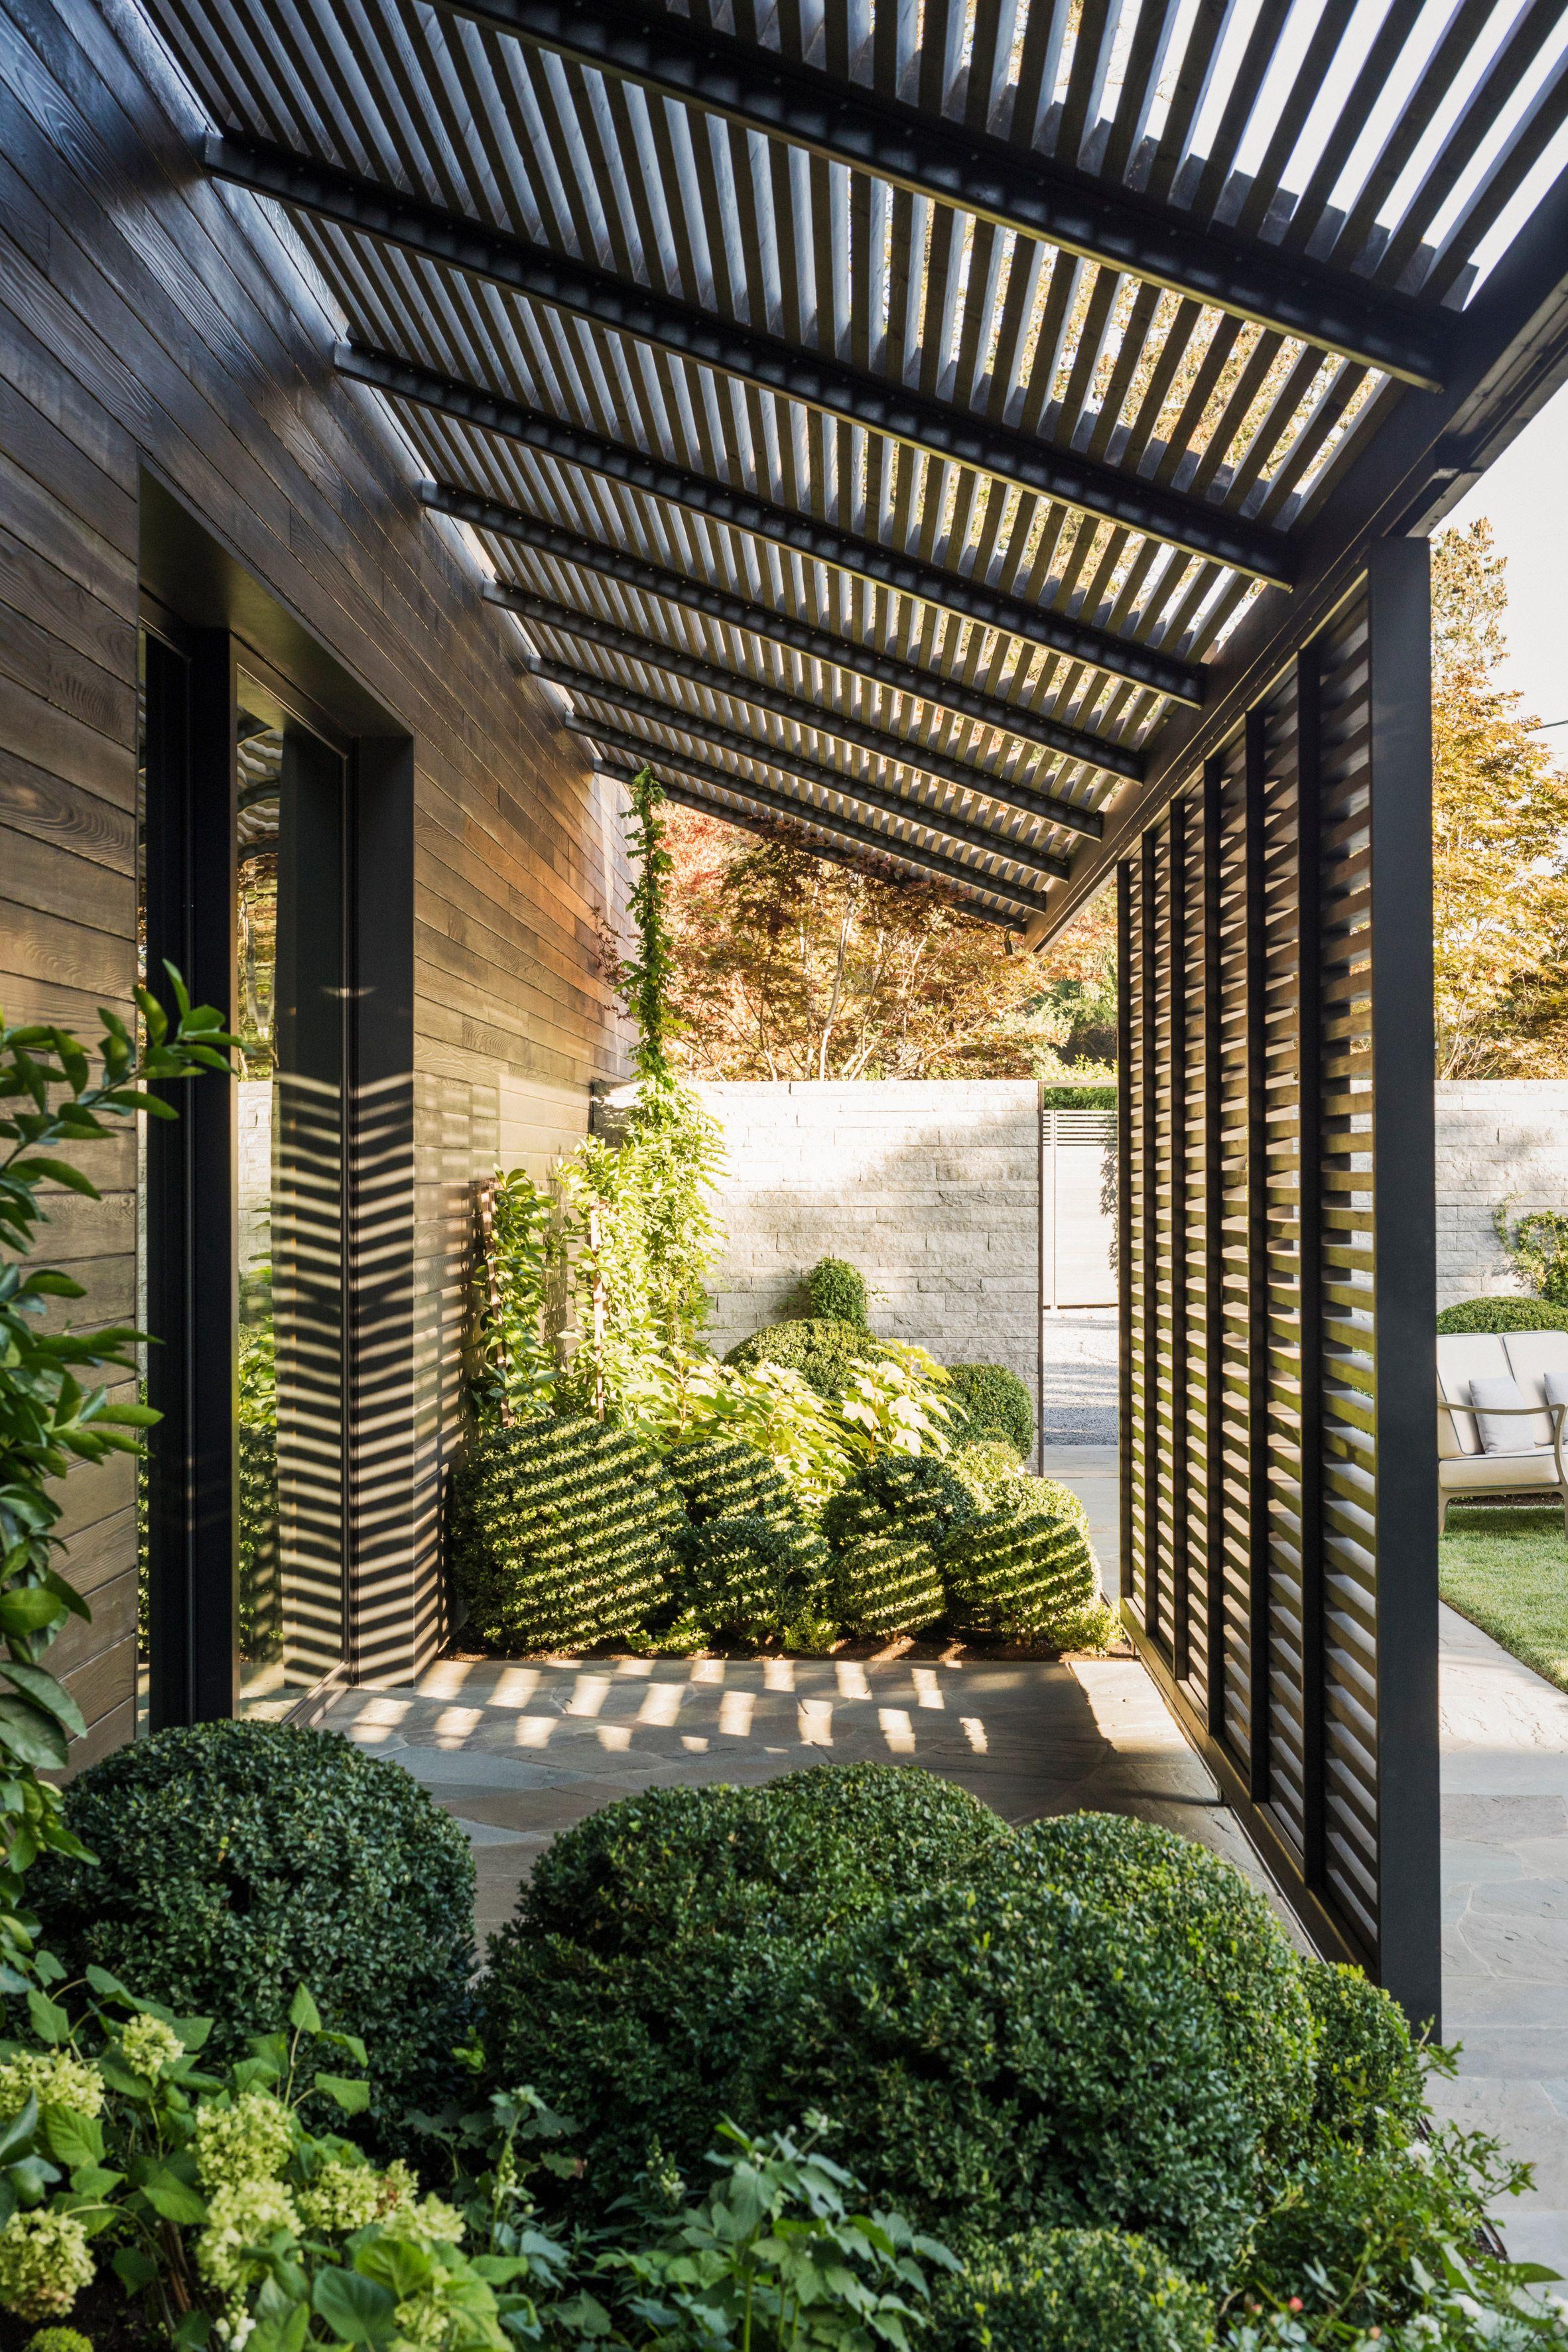 Pin Von Hoang Pottery Auf Farm Details Hintergarten Raum Im Freien Hauswand